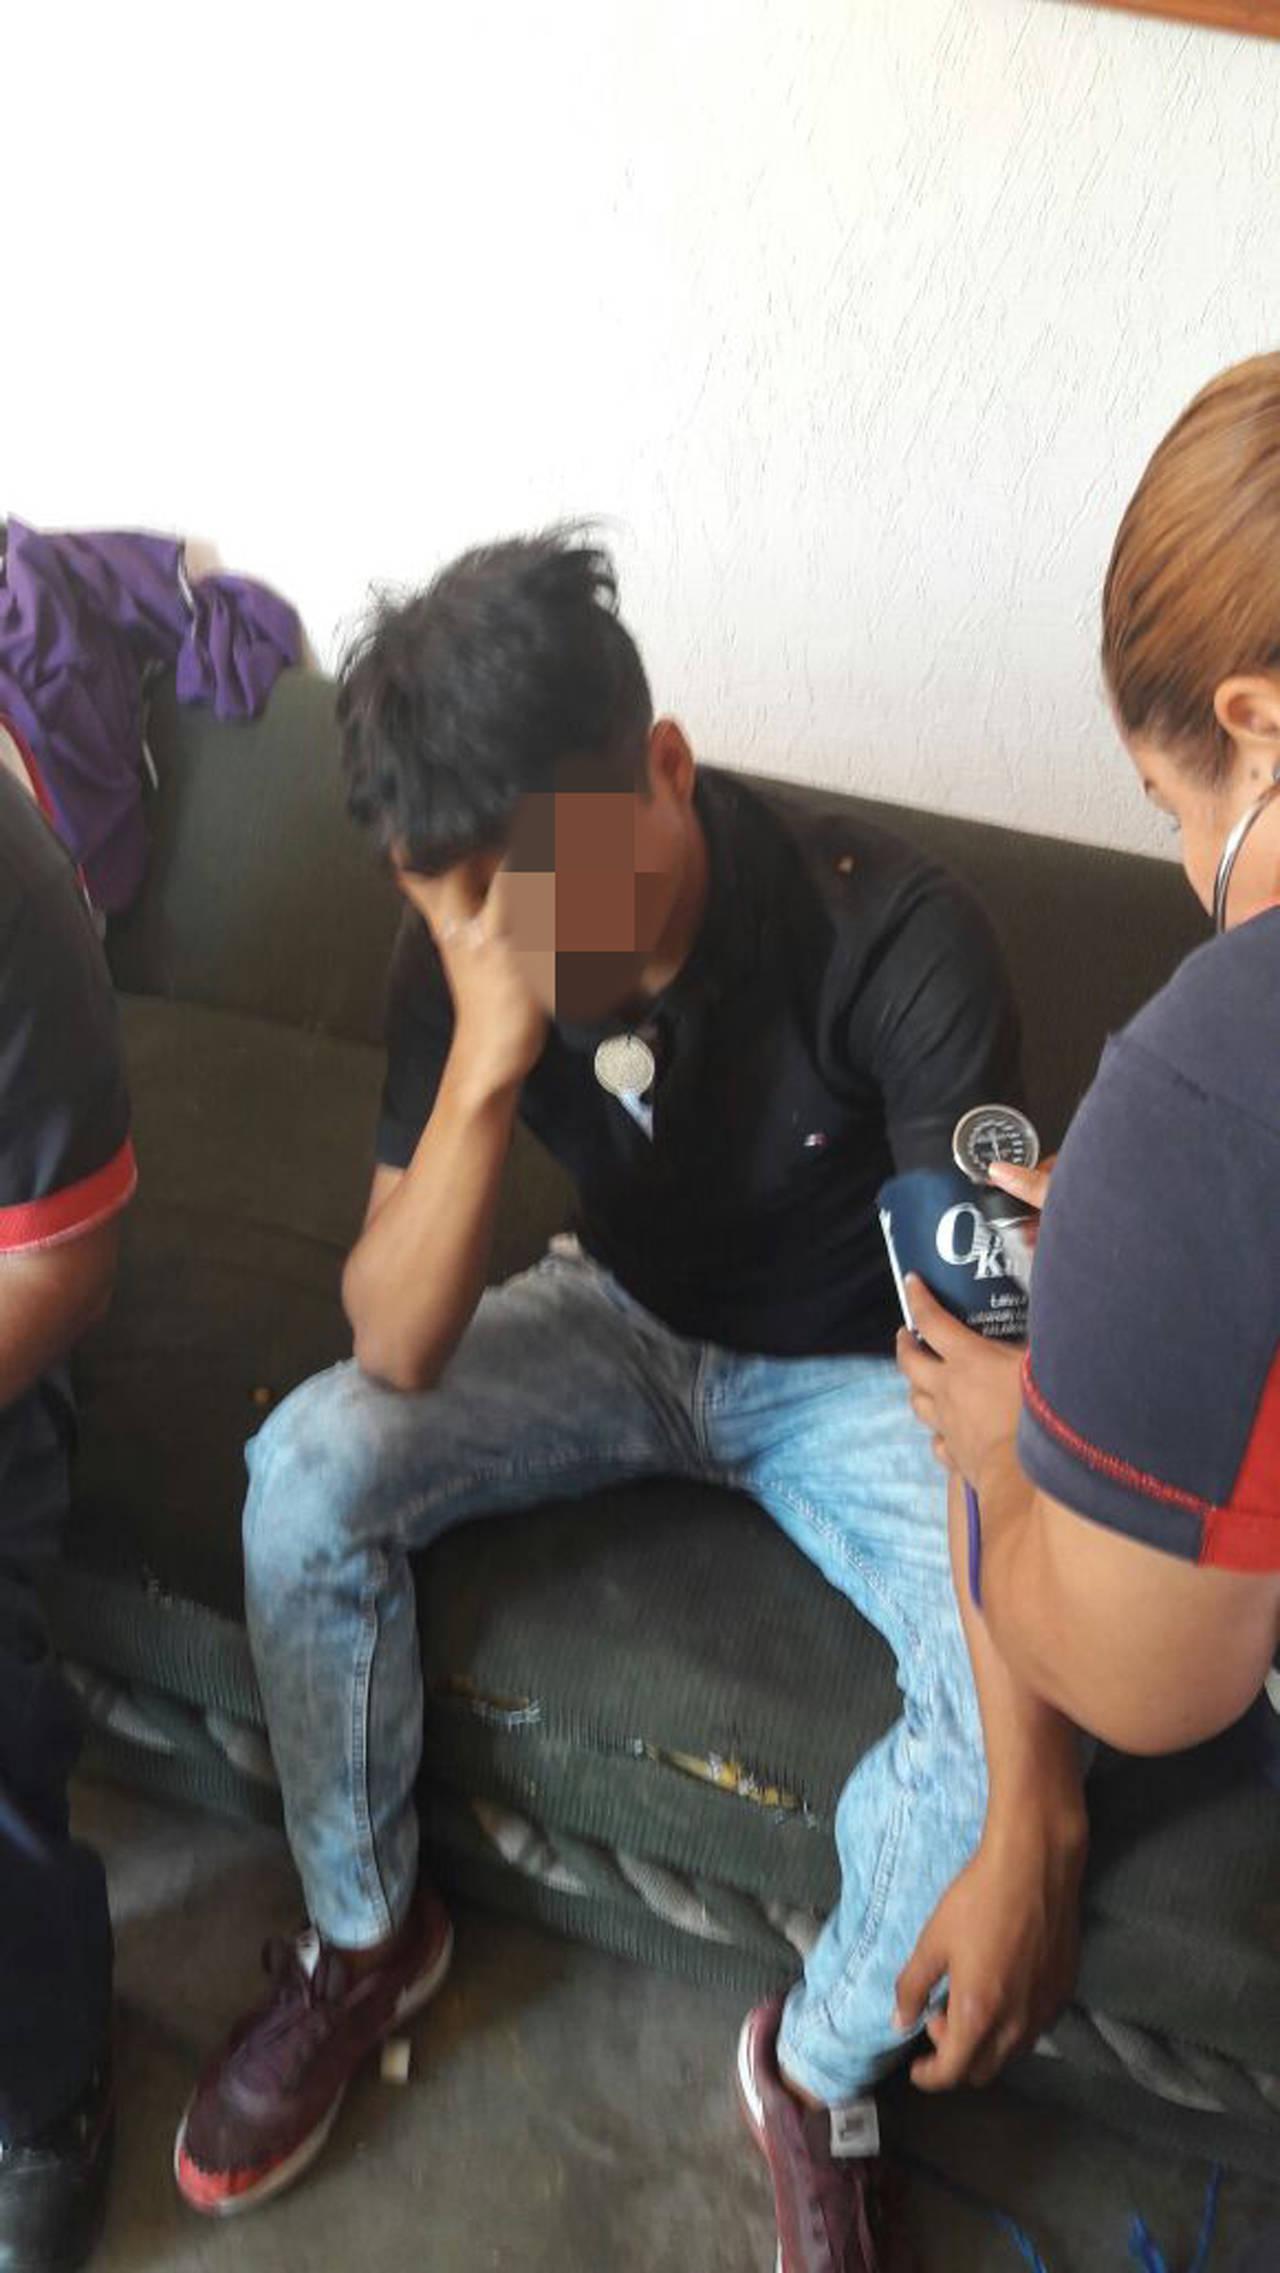 Joven intenta suicidarse, familiares lo rescatan